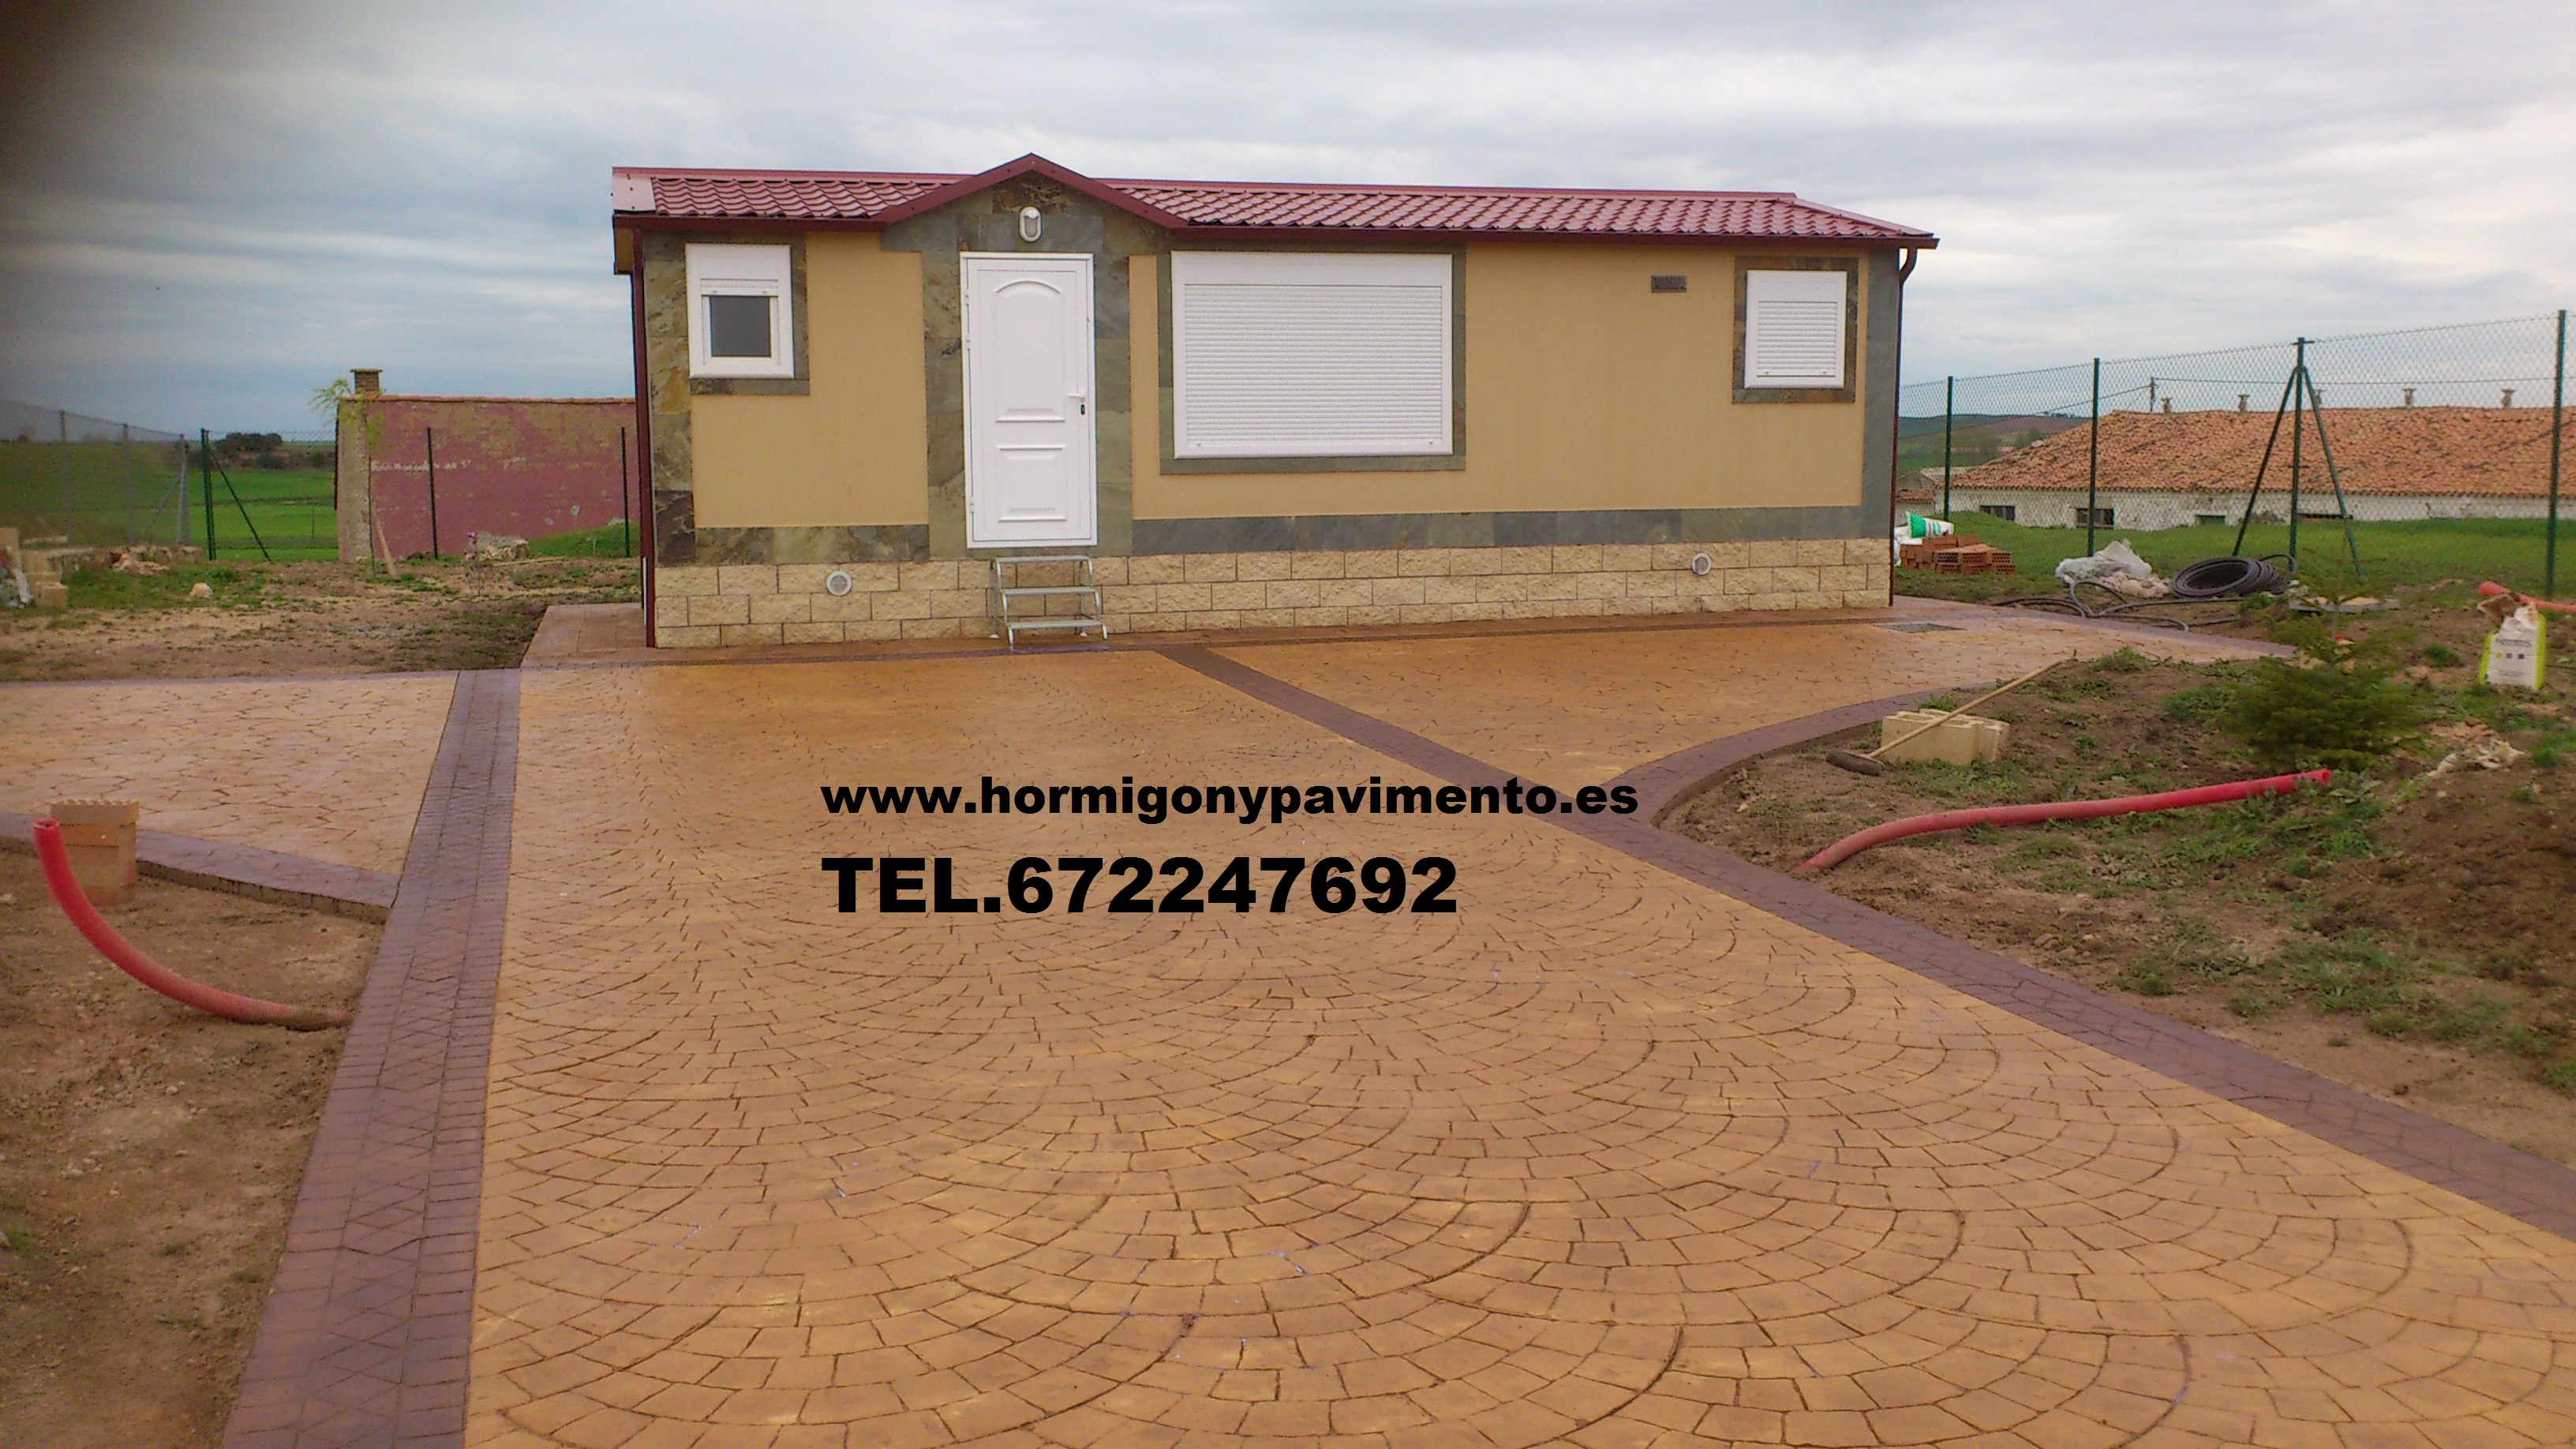 Hormigon impreso valdemorillo suelos baratos valdemorillo - Hormigon impreso barato ...